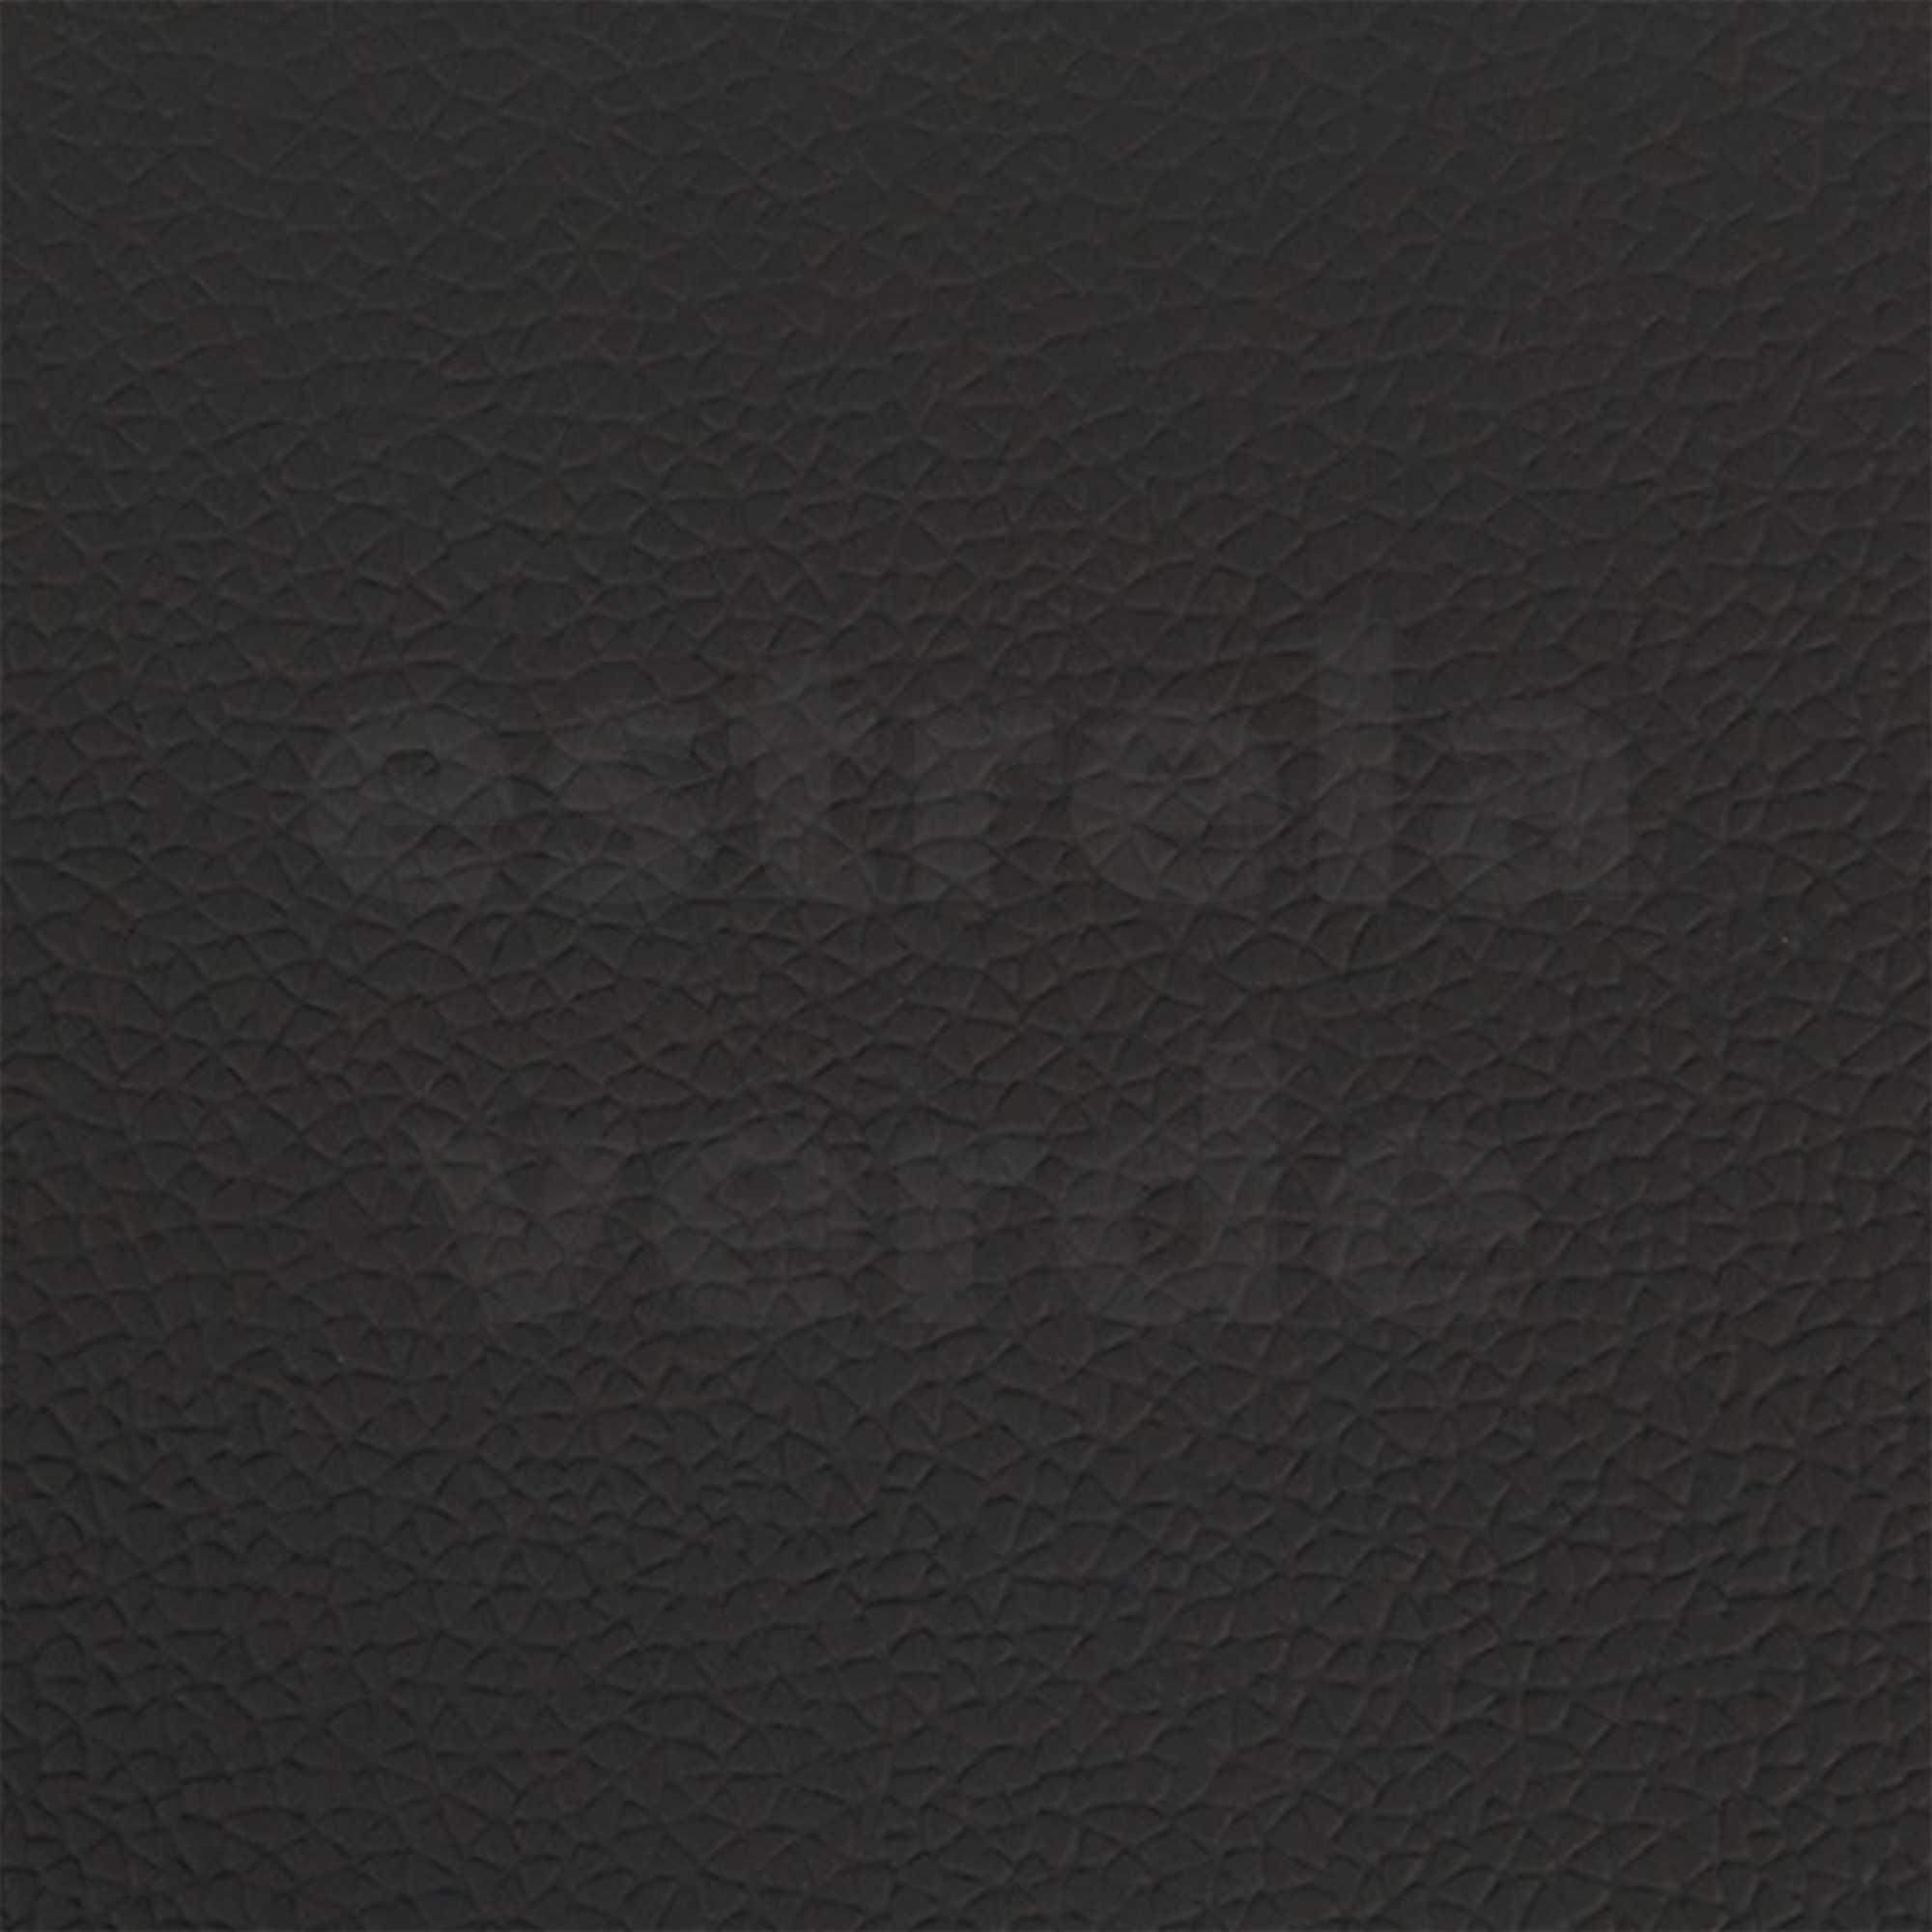 COURVIN AUTO 1.0 CN GRAFITE R077 DESCONTINUADO  - Estrela Verde